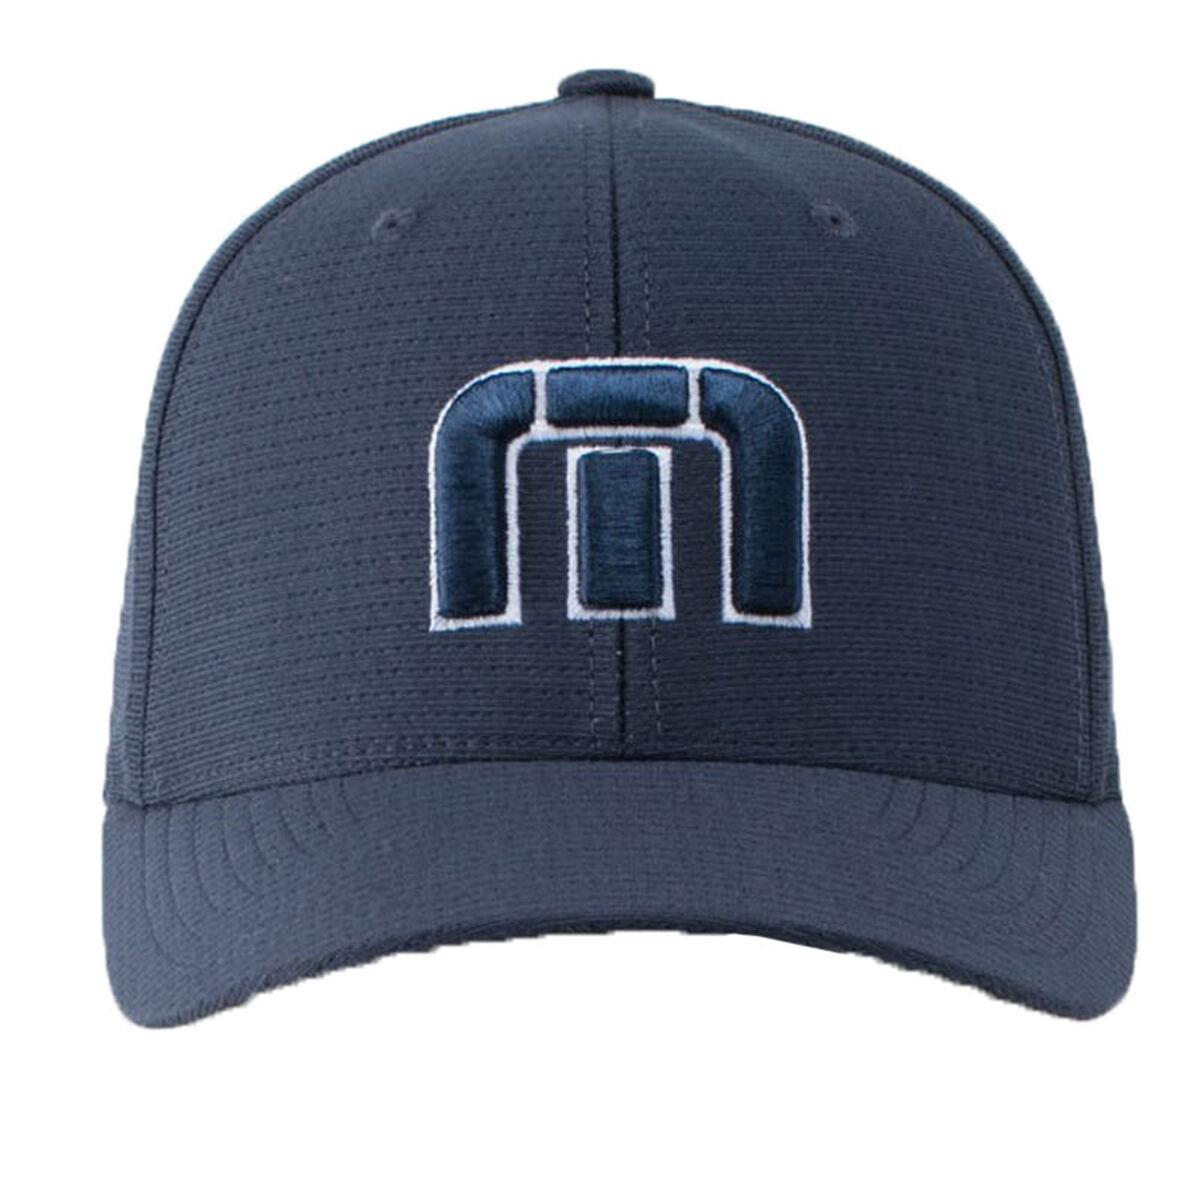 ed25db763 TravisMathew B-bahamas Hat